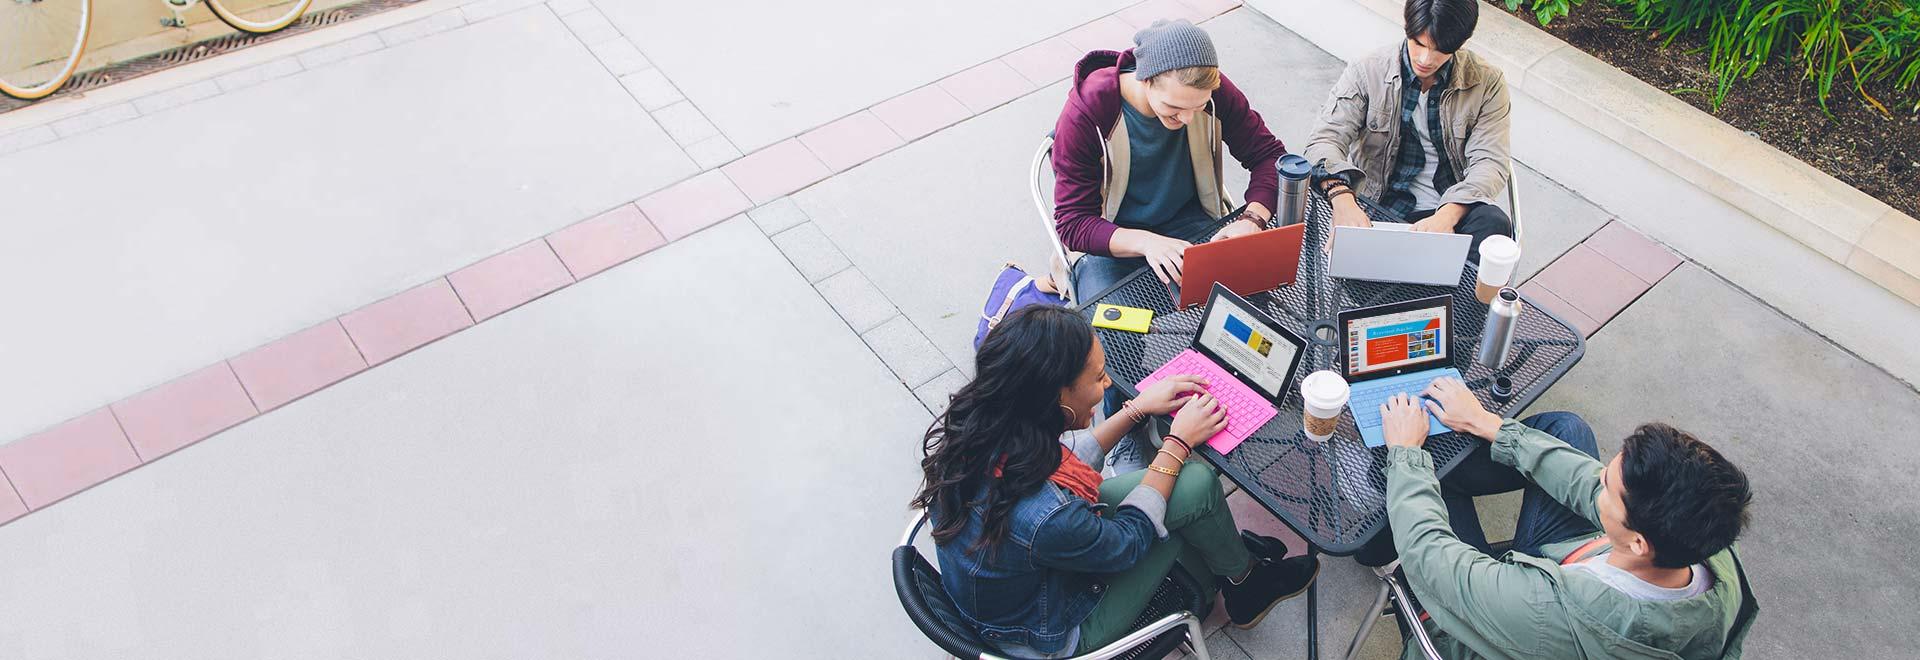 Quatro estudantes sentados à mesa na rua, a utilizar o Office 365 para Educação em tablets.